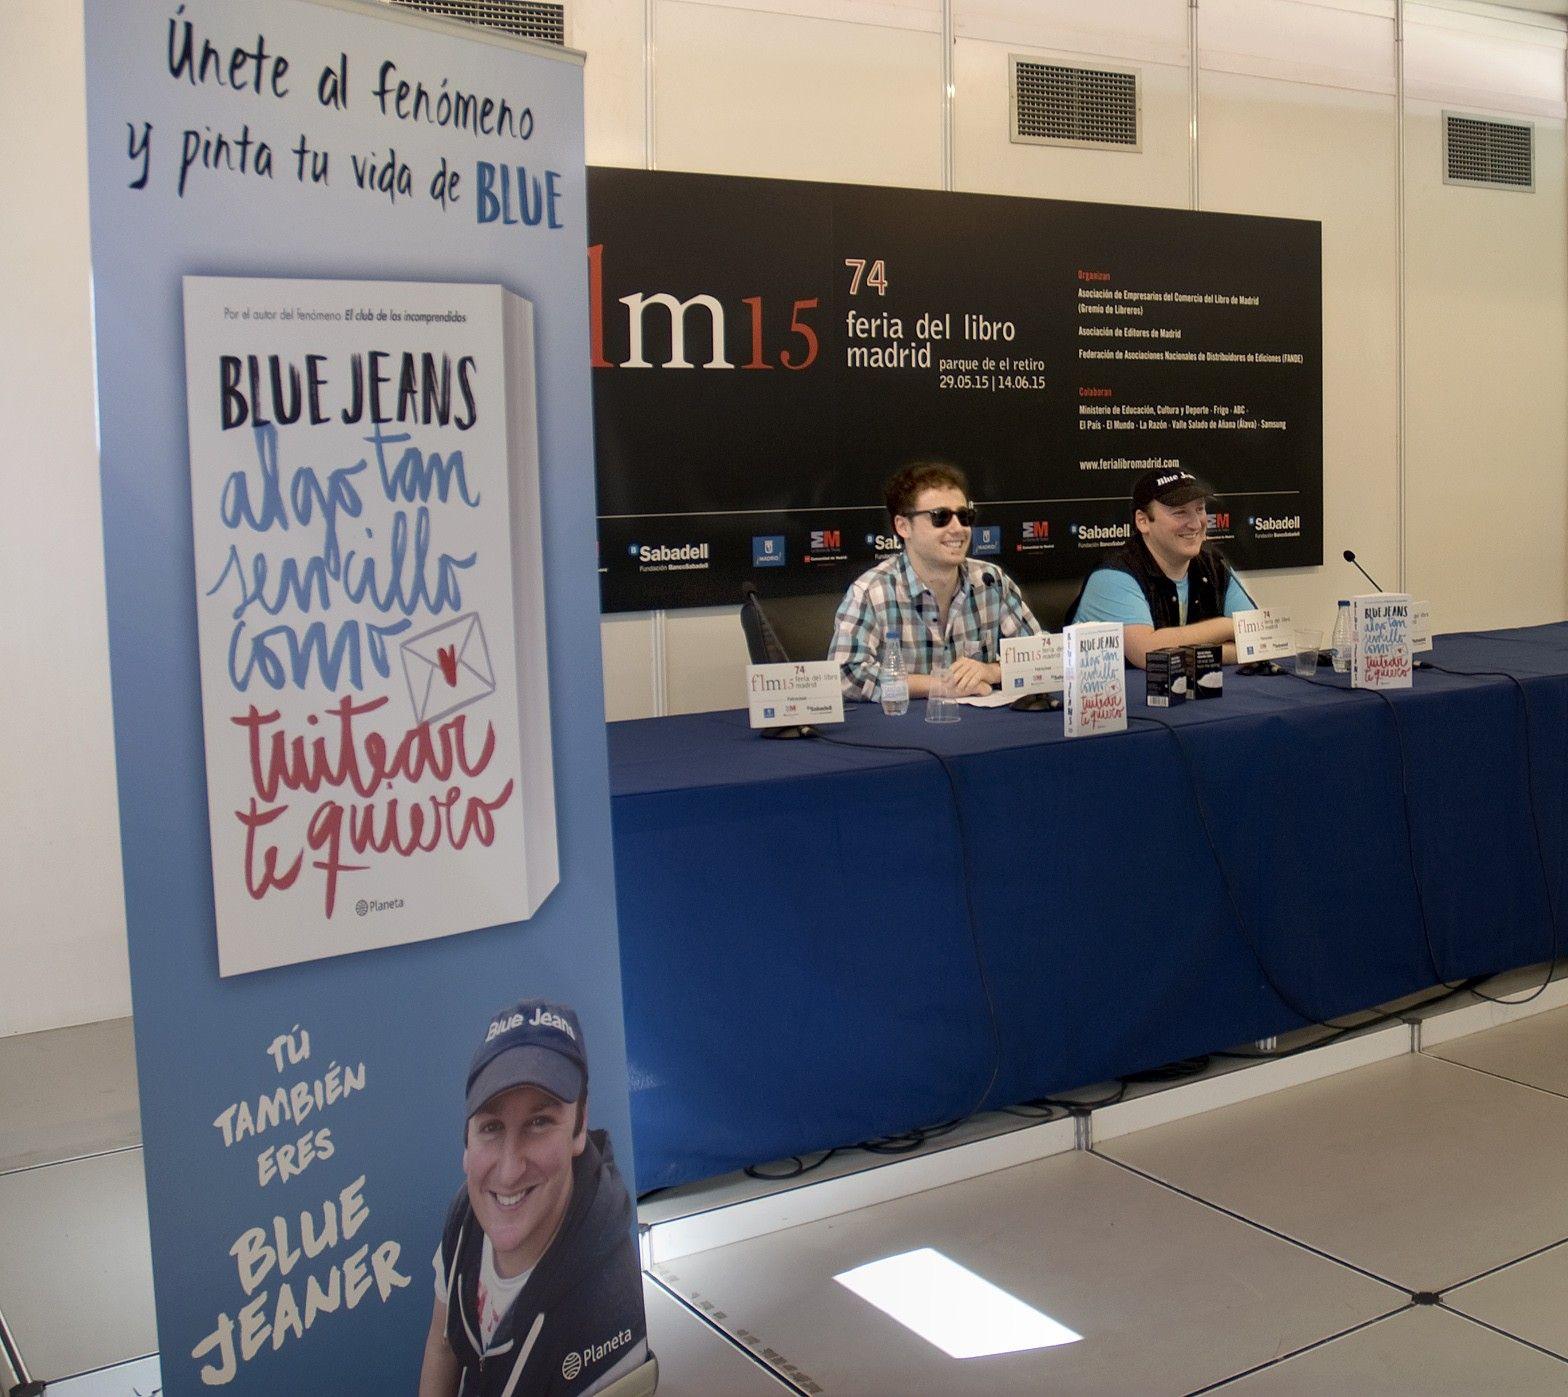 30/05/15 Presentación de la novela Algo tan sencillo como tuitear te quiero, con la presencia de Blue Jeans, autor de la obra. Foto © Jorge Aparicio/ FLM15